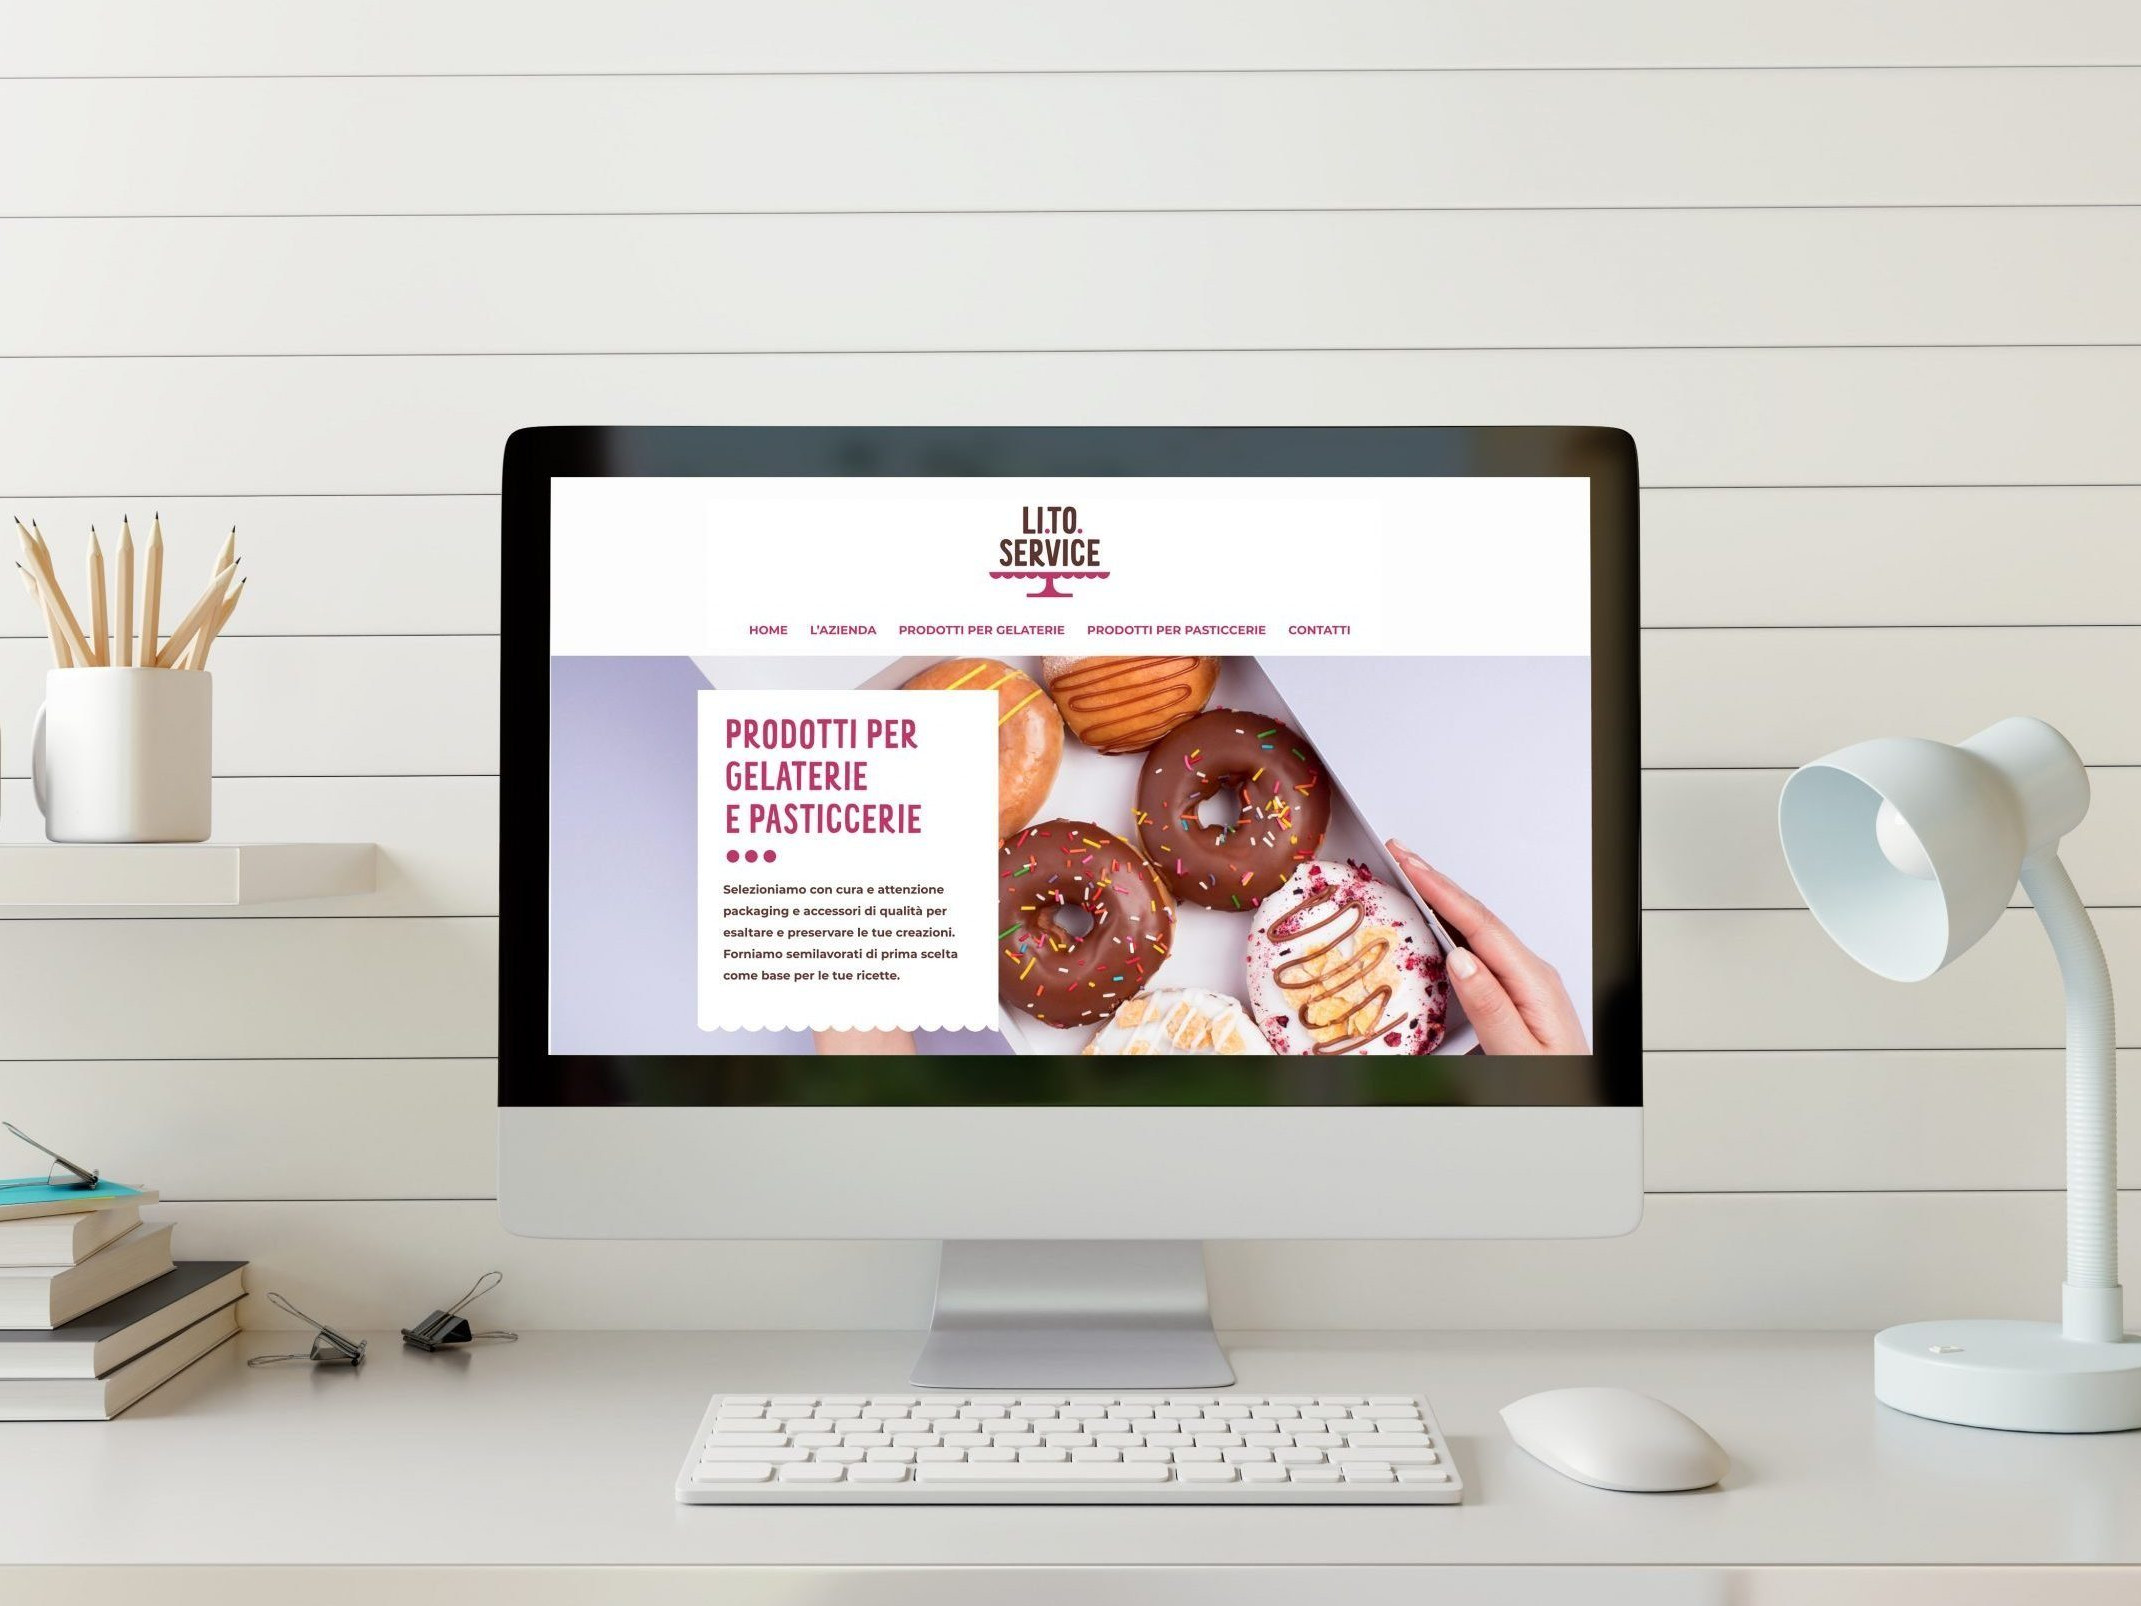 scrivania con computer e sito web